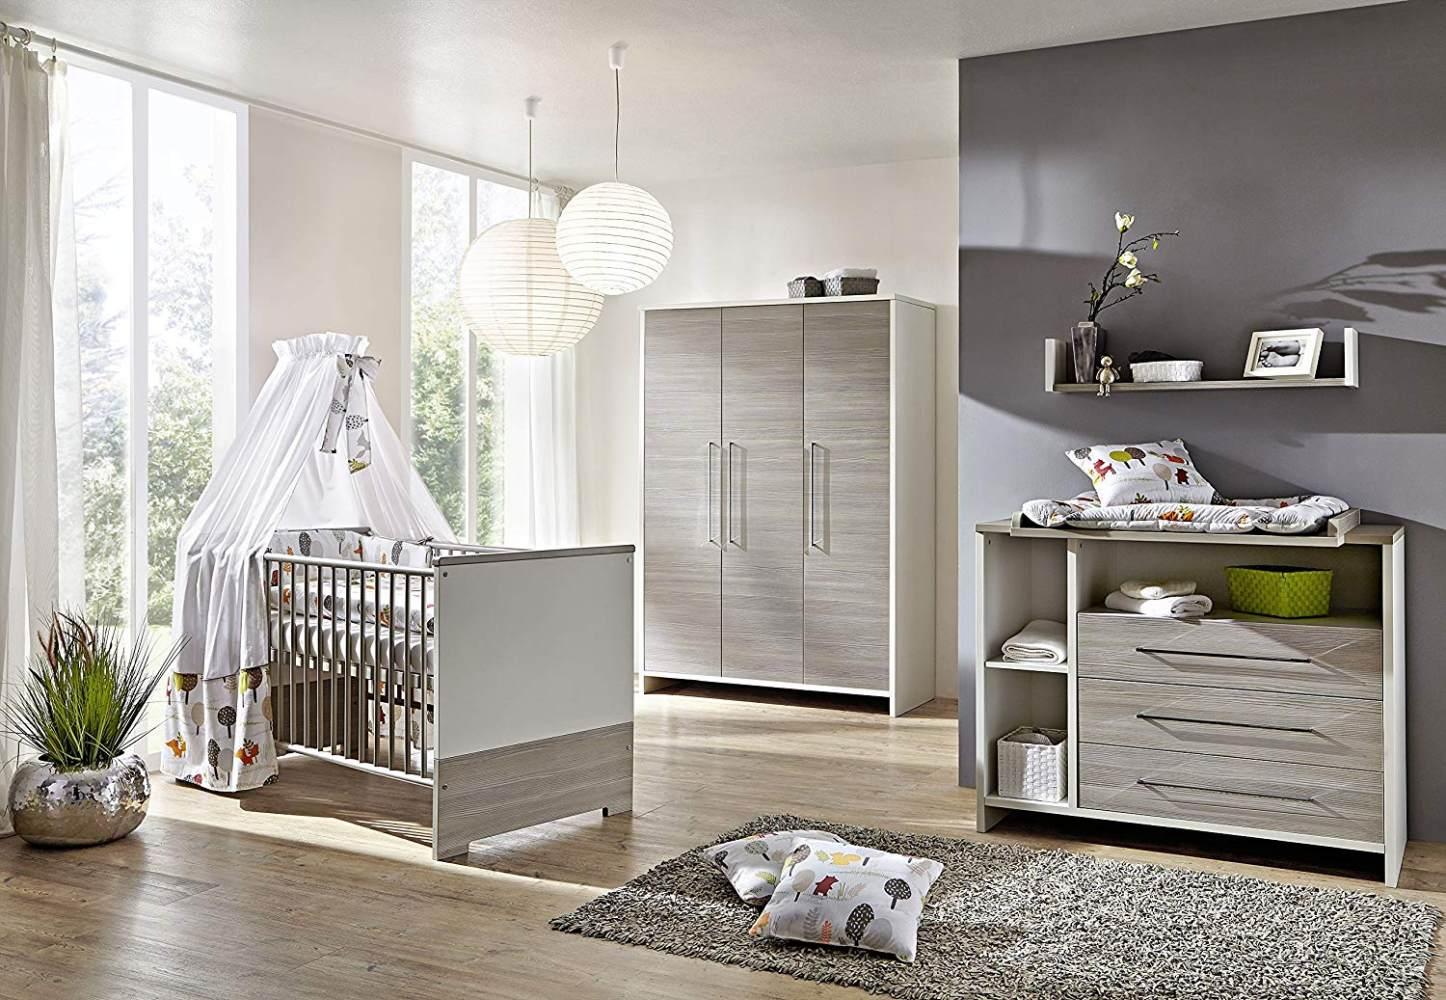 Schardt 'Eco Silber' 3-tlg. Babyzimmer-Set Schrank 3-türig Bild 1